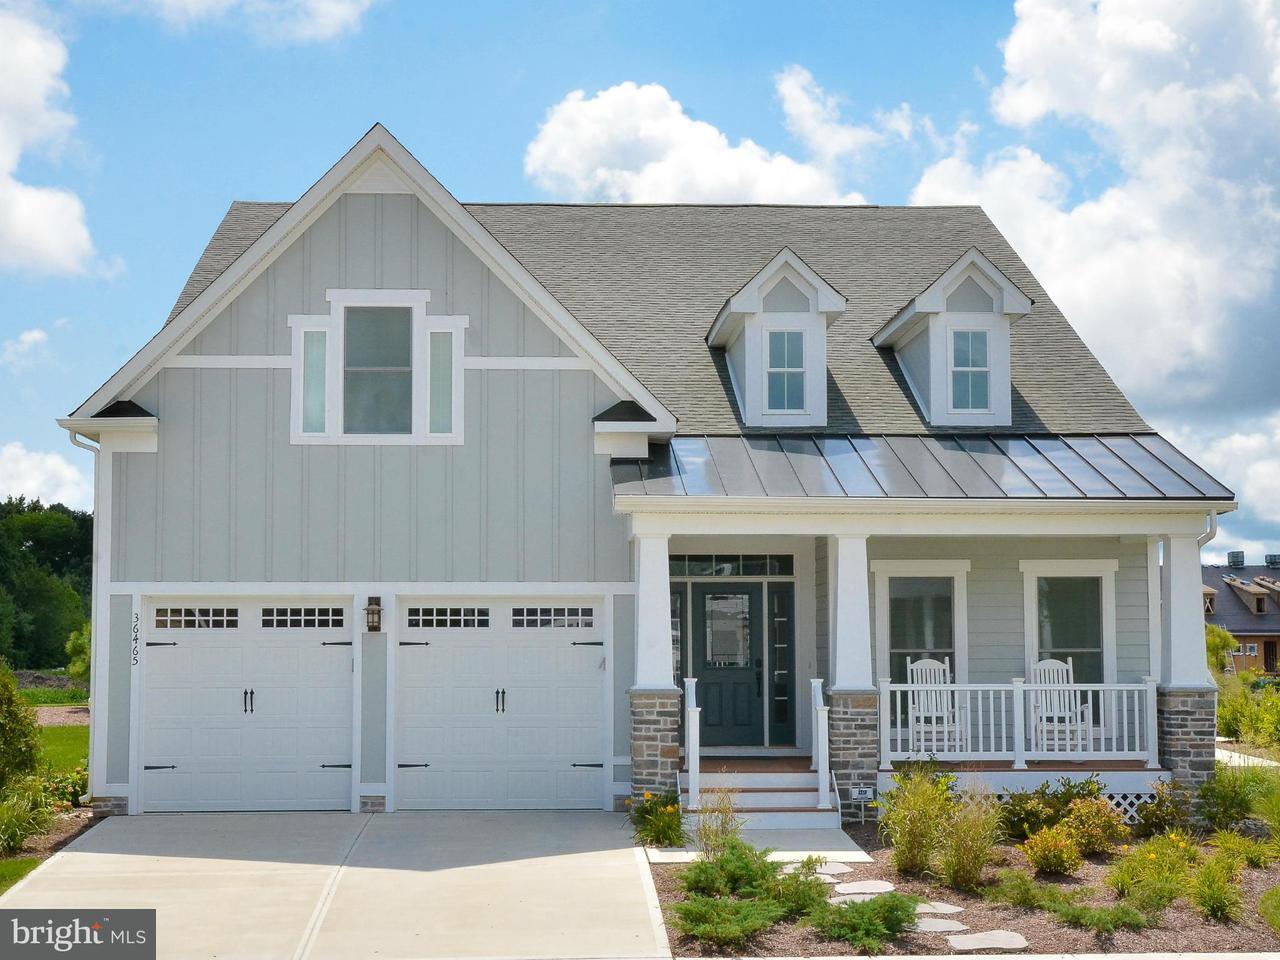 Casa Unifamiliar por un Venta en 1420 CATBRIAR WAY 1420 CATBRIAR WAY Odenton, Maryland 21113 Estados Unidos